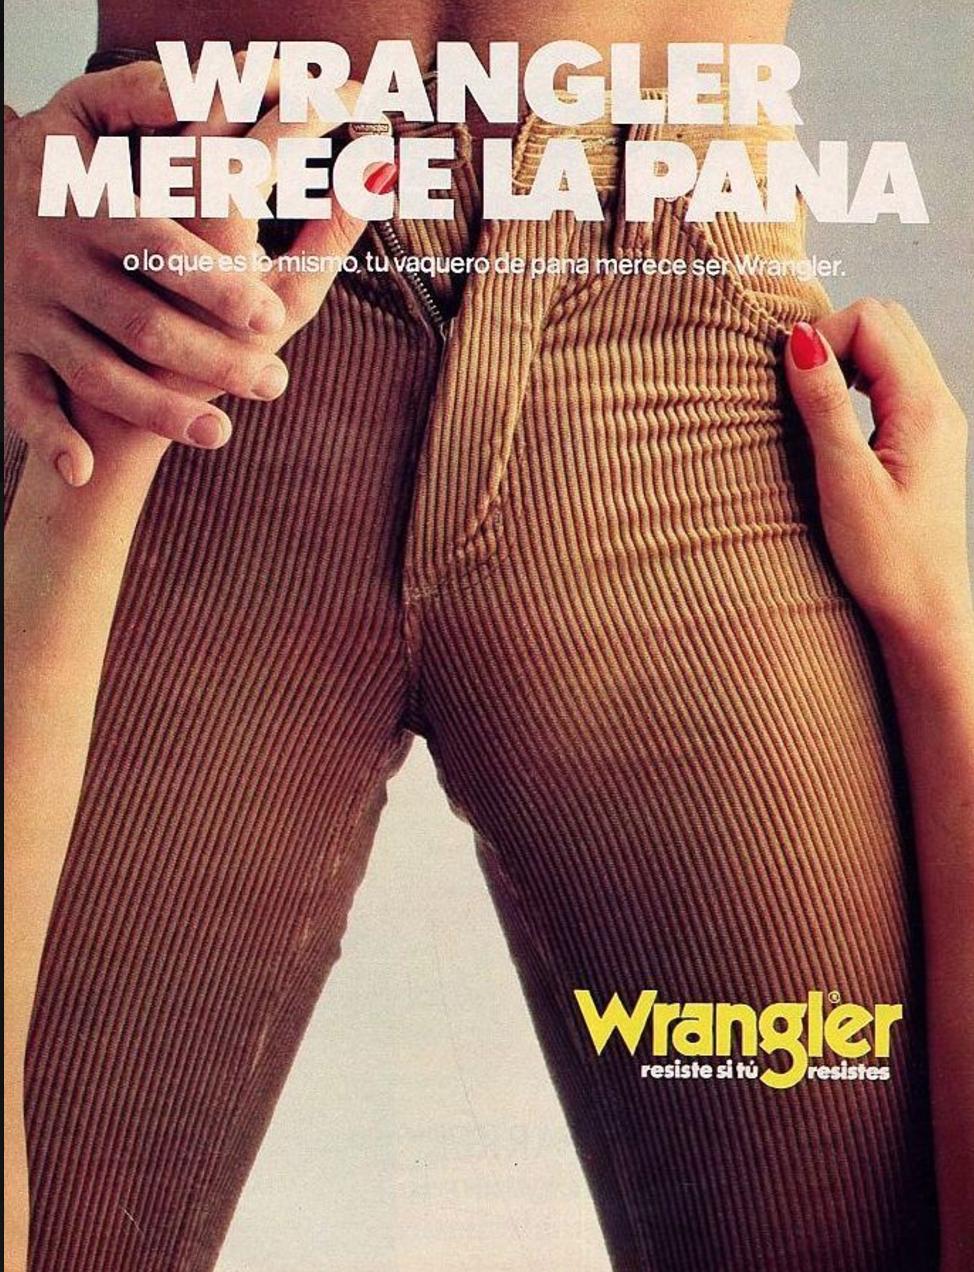 Wrangler, 1978